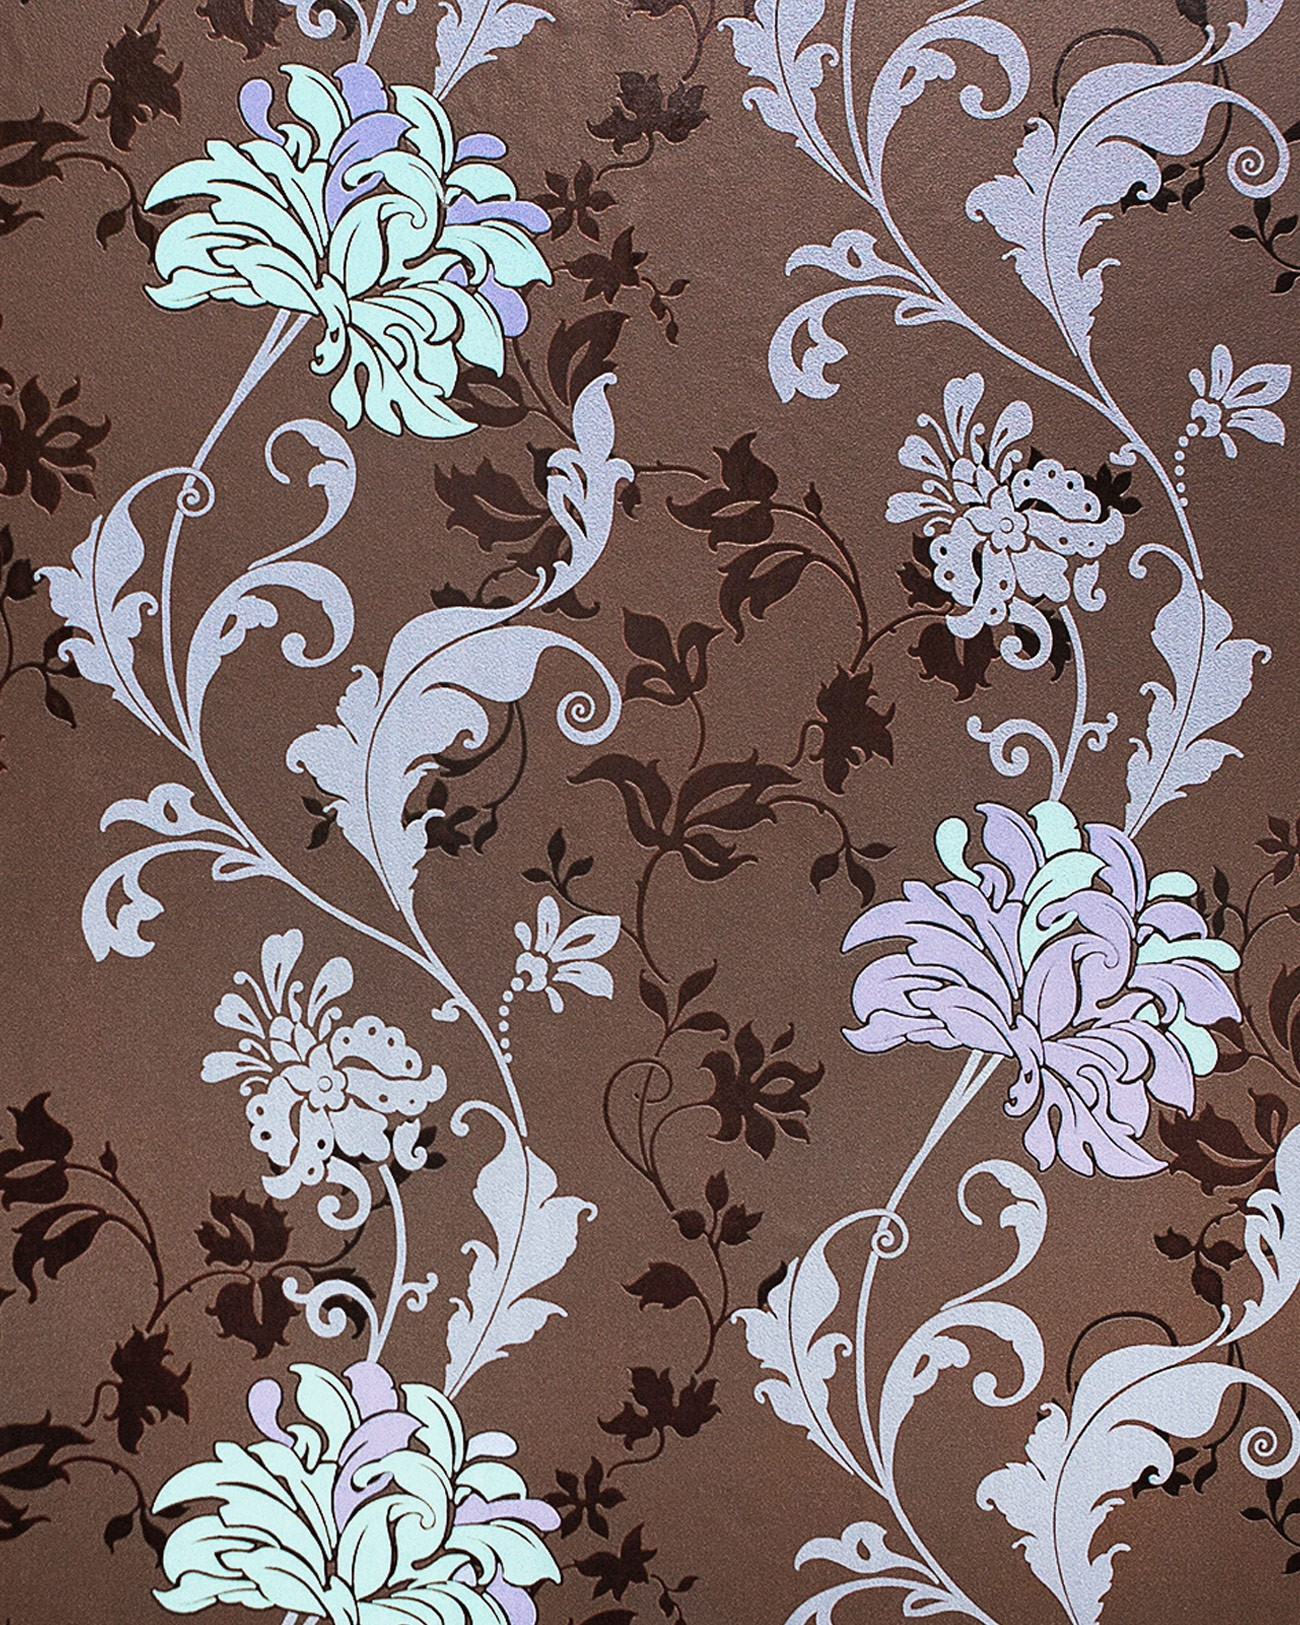 blumen tapete edem 833 26 edles florales design bl ten bl tter blumentapete braun flieder. Black Bedroom Furniture Sets. Home Design Ideas